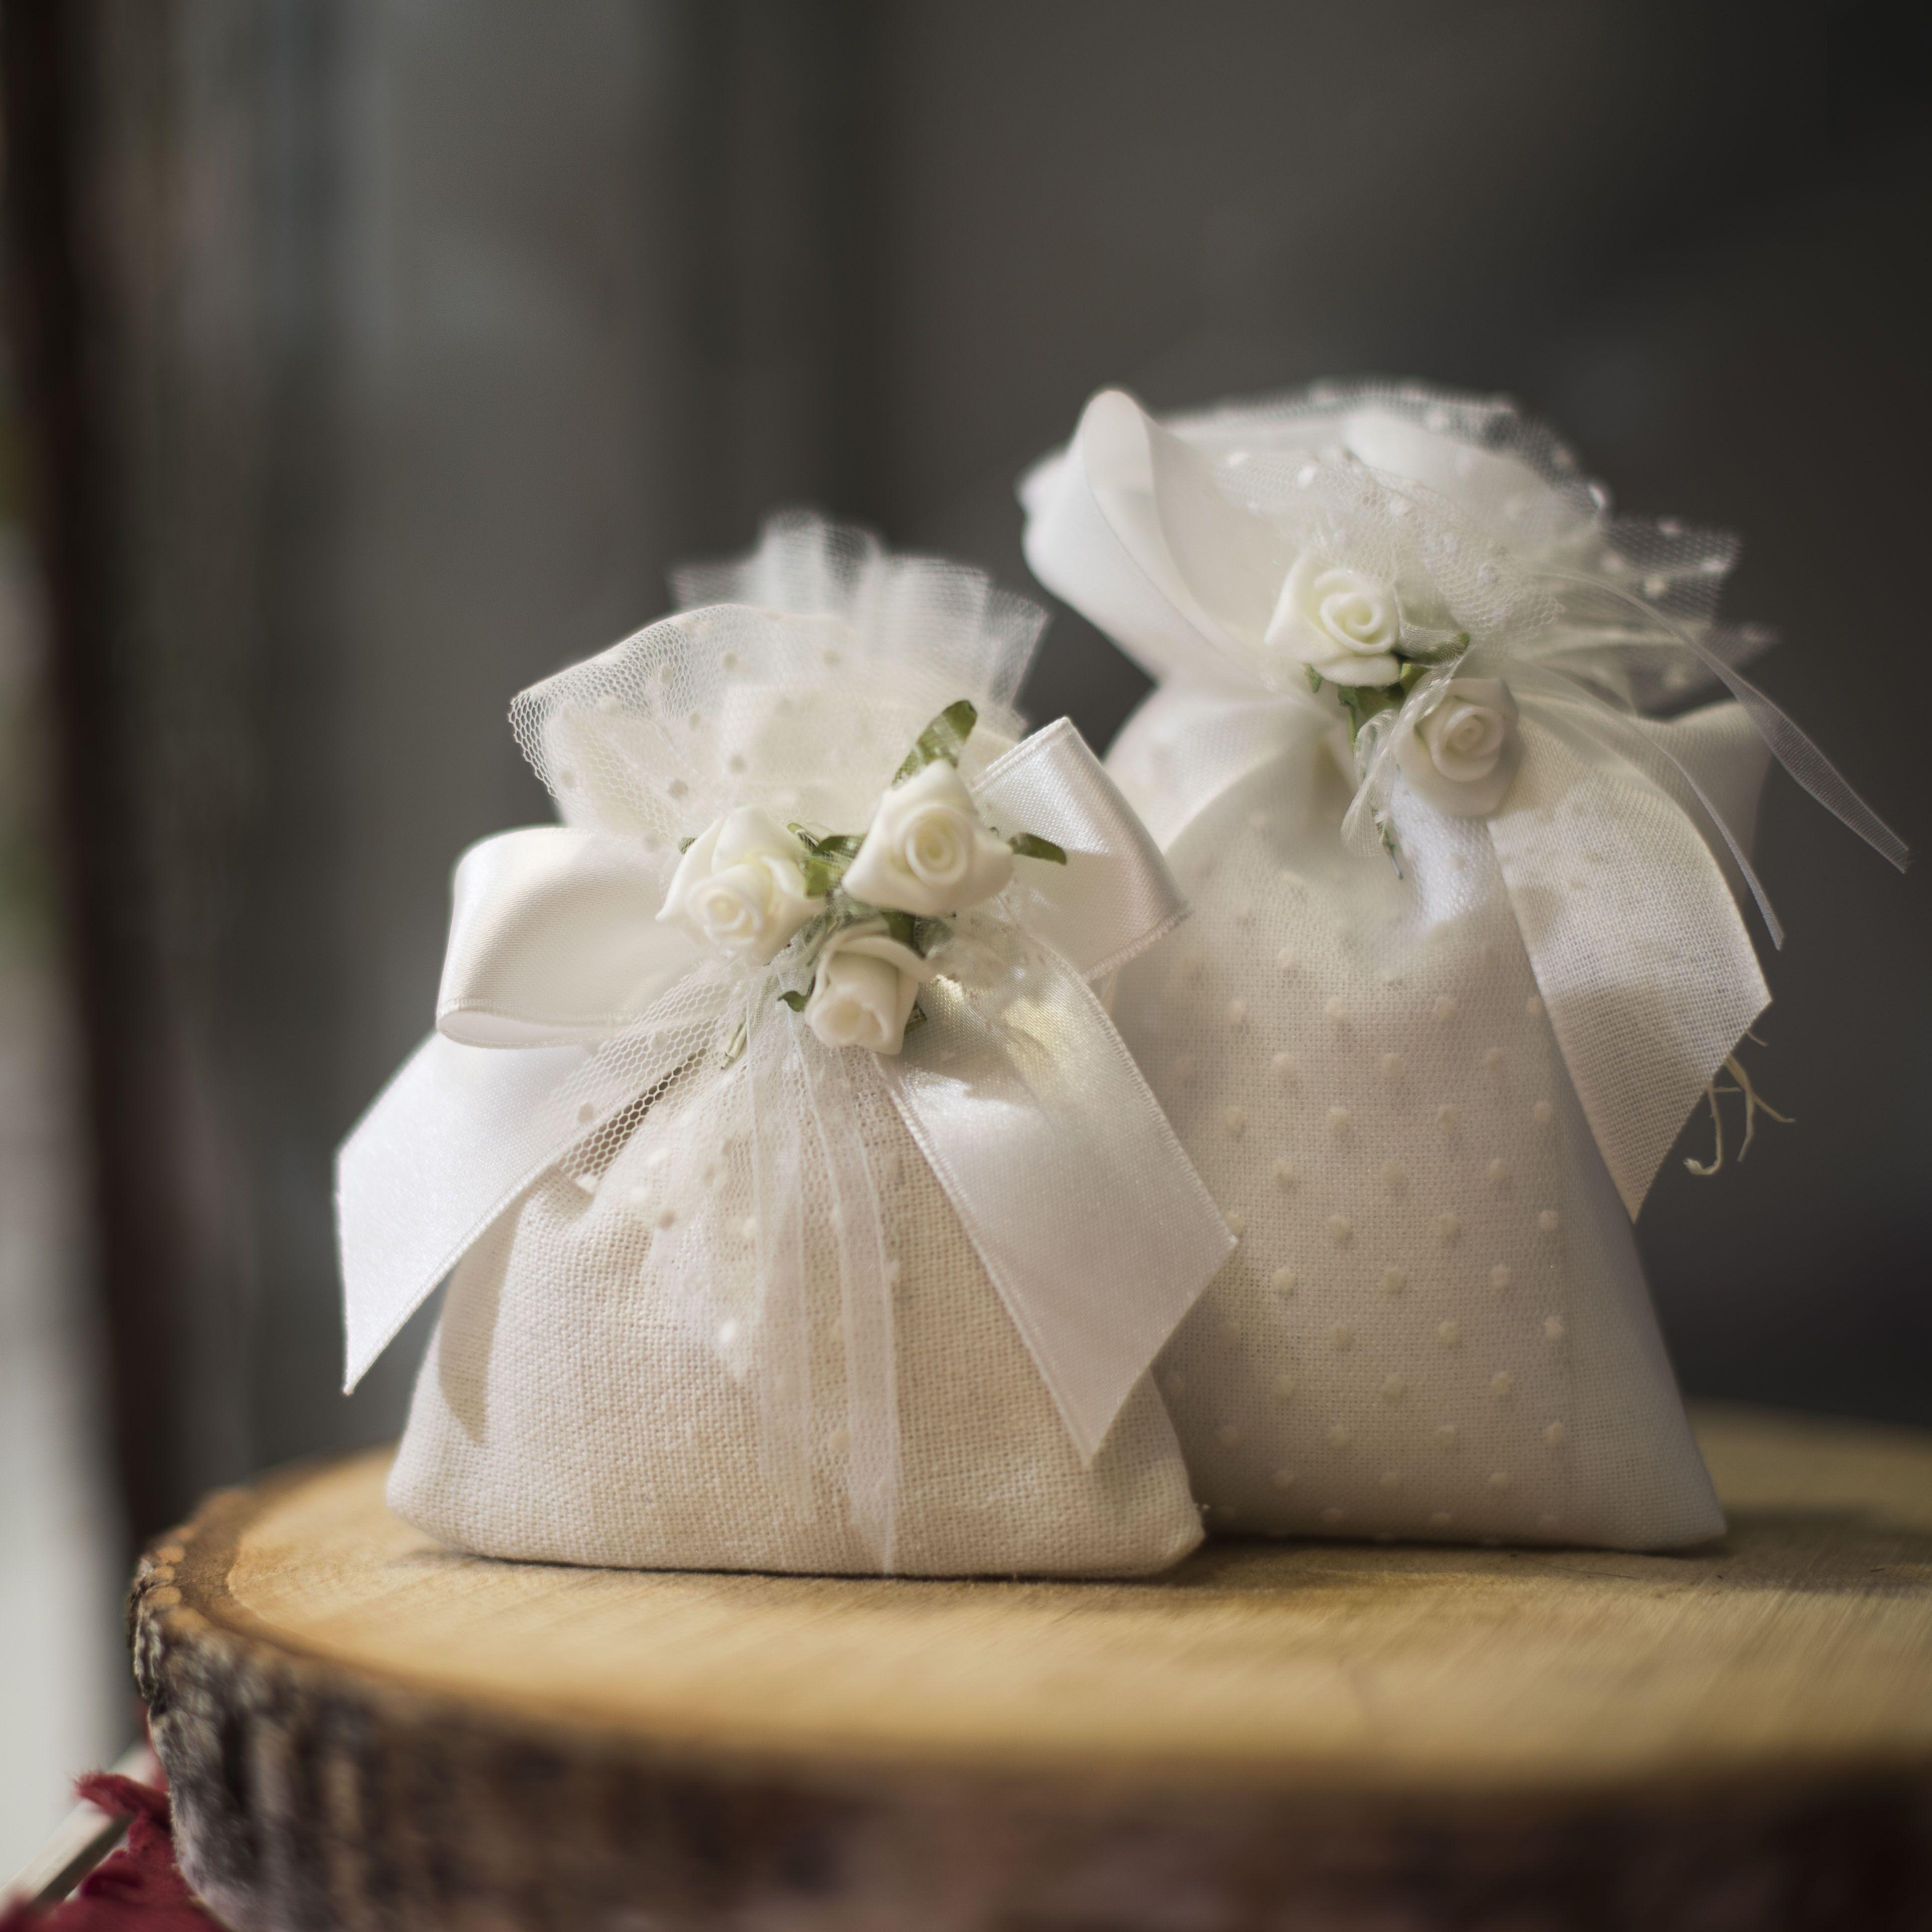 Bomboniere Eleganti Con Tulle Pois E Roselline Per Matrimoni Classici E Ricercati Bomboniere Italiane Bomboniere Nuziali Caramella Matrimonio